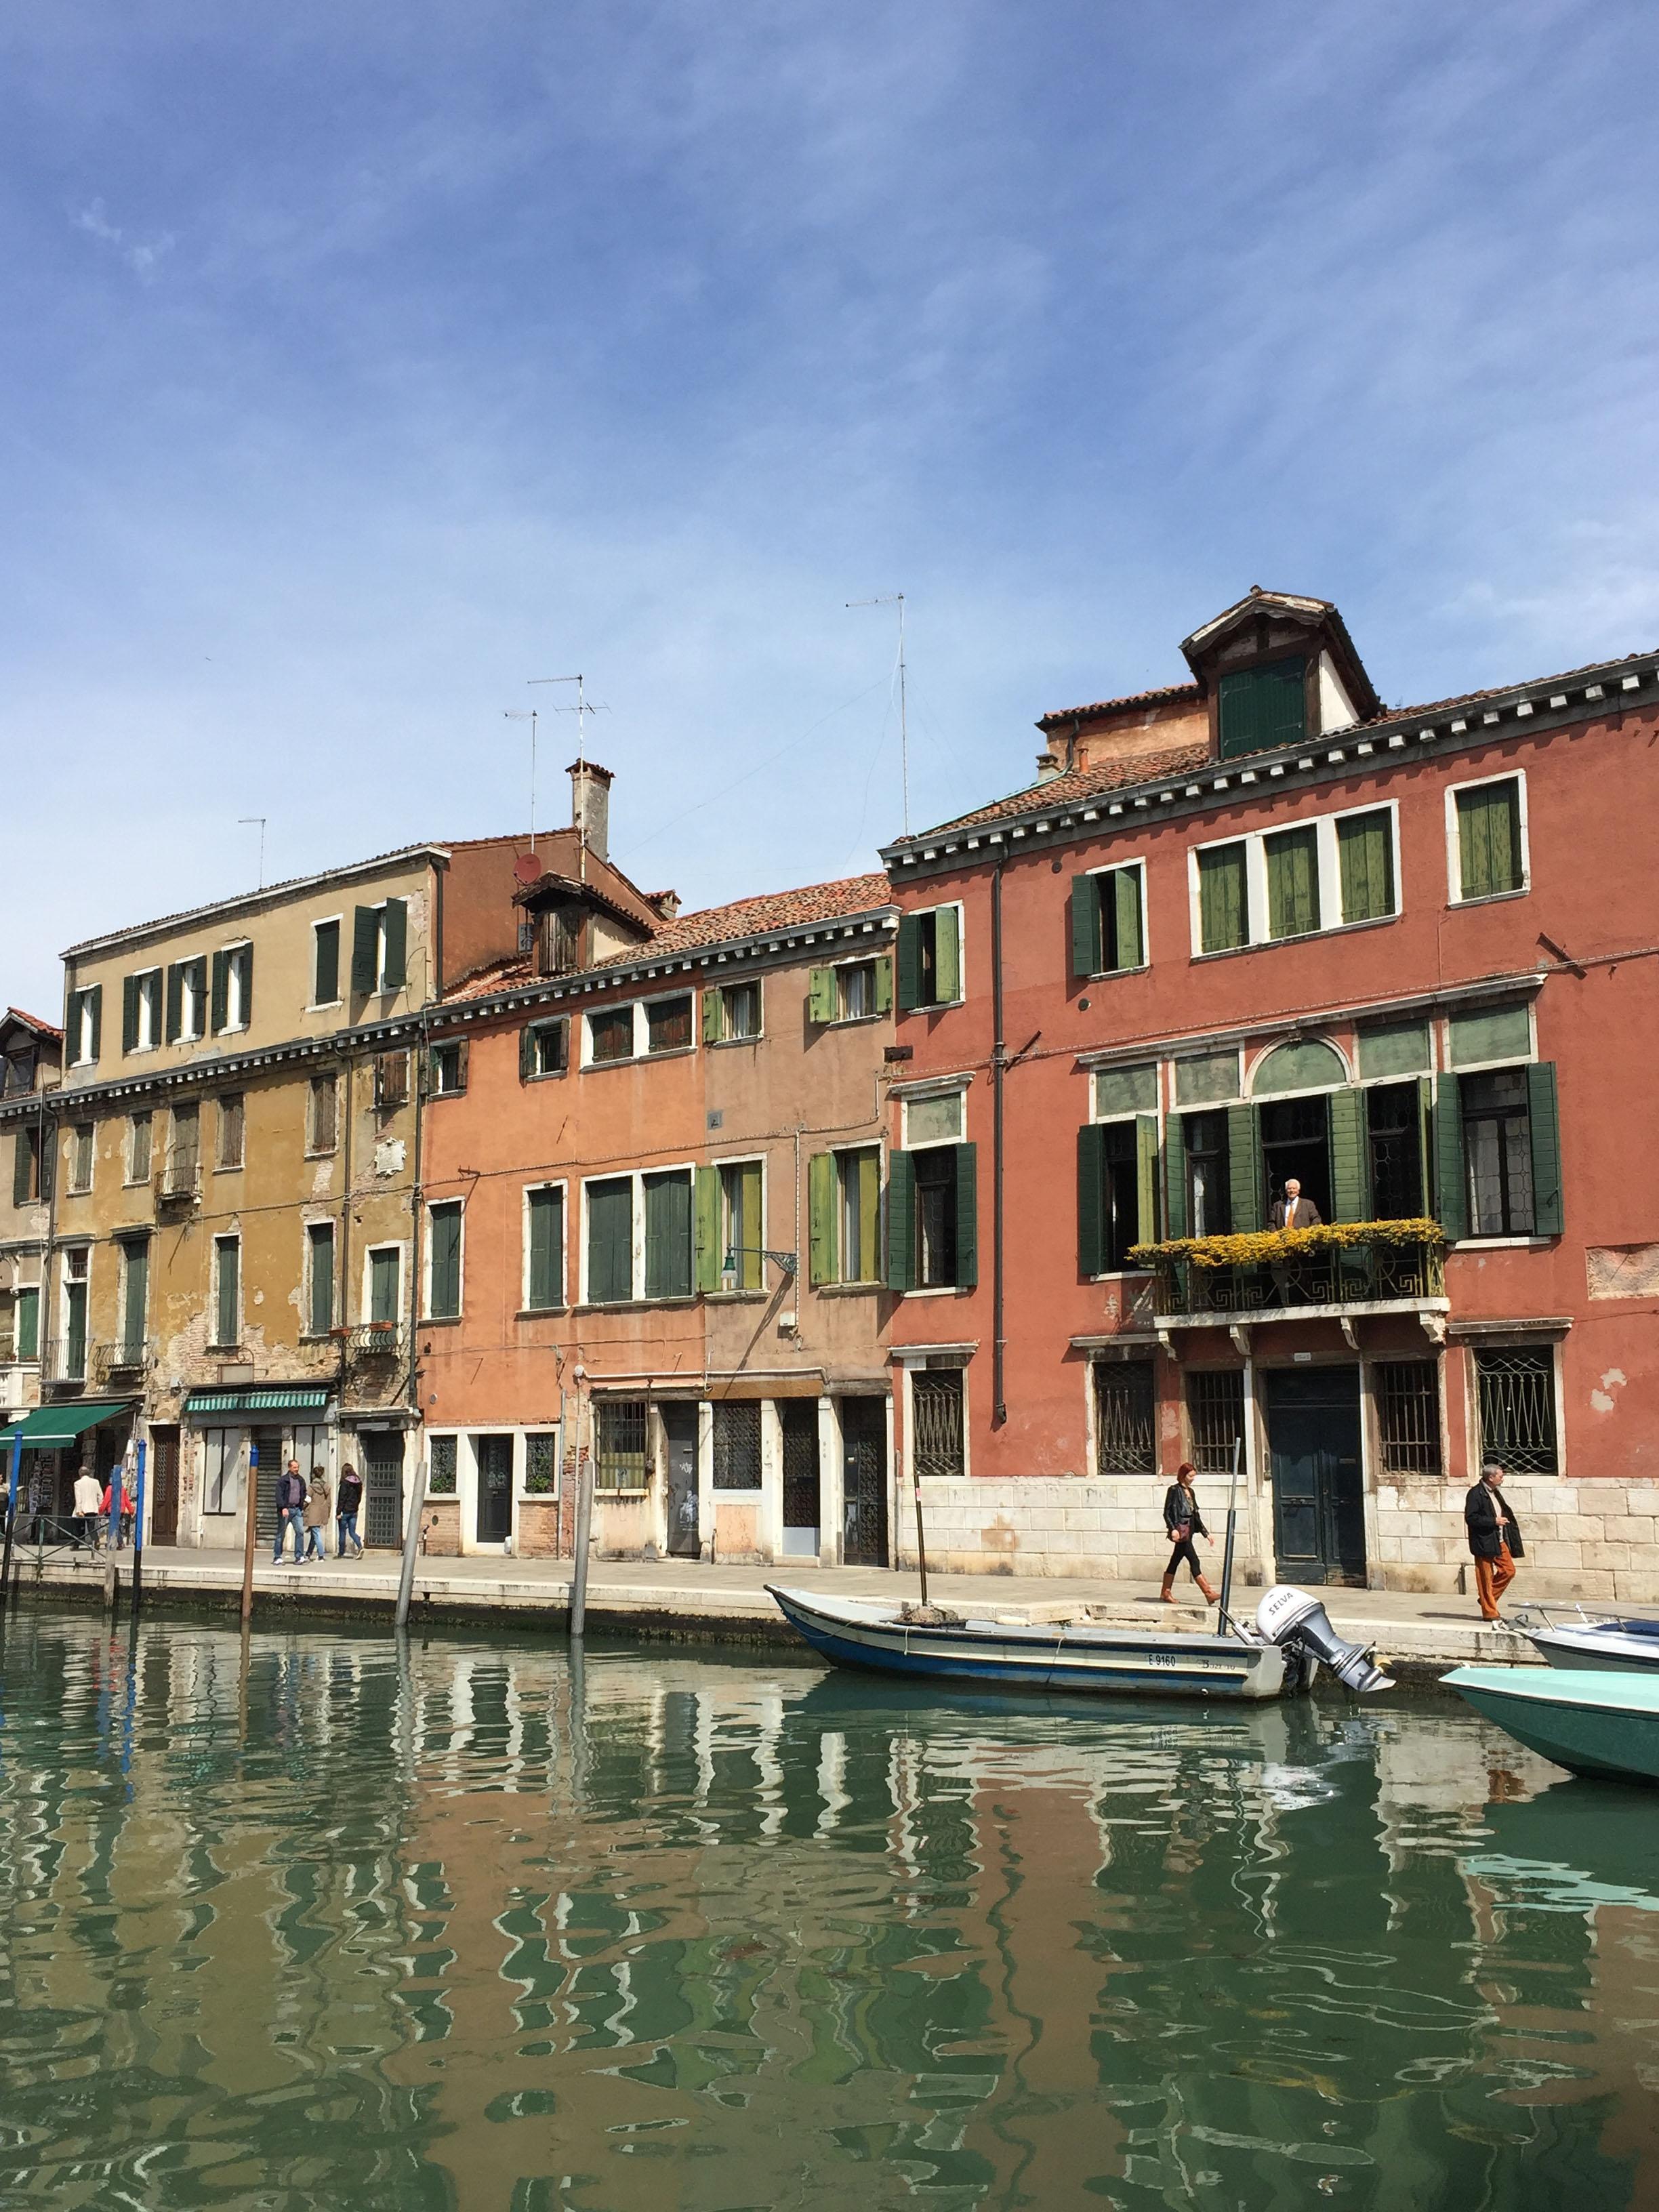 Jewish Ghetto, Venice, Italy, 2016.